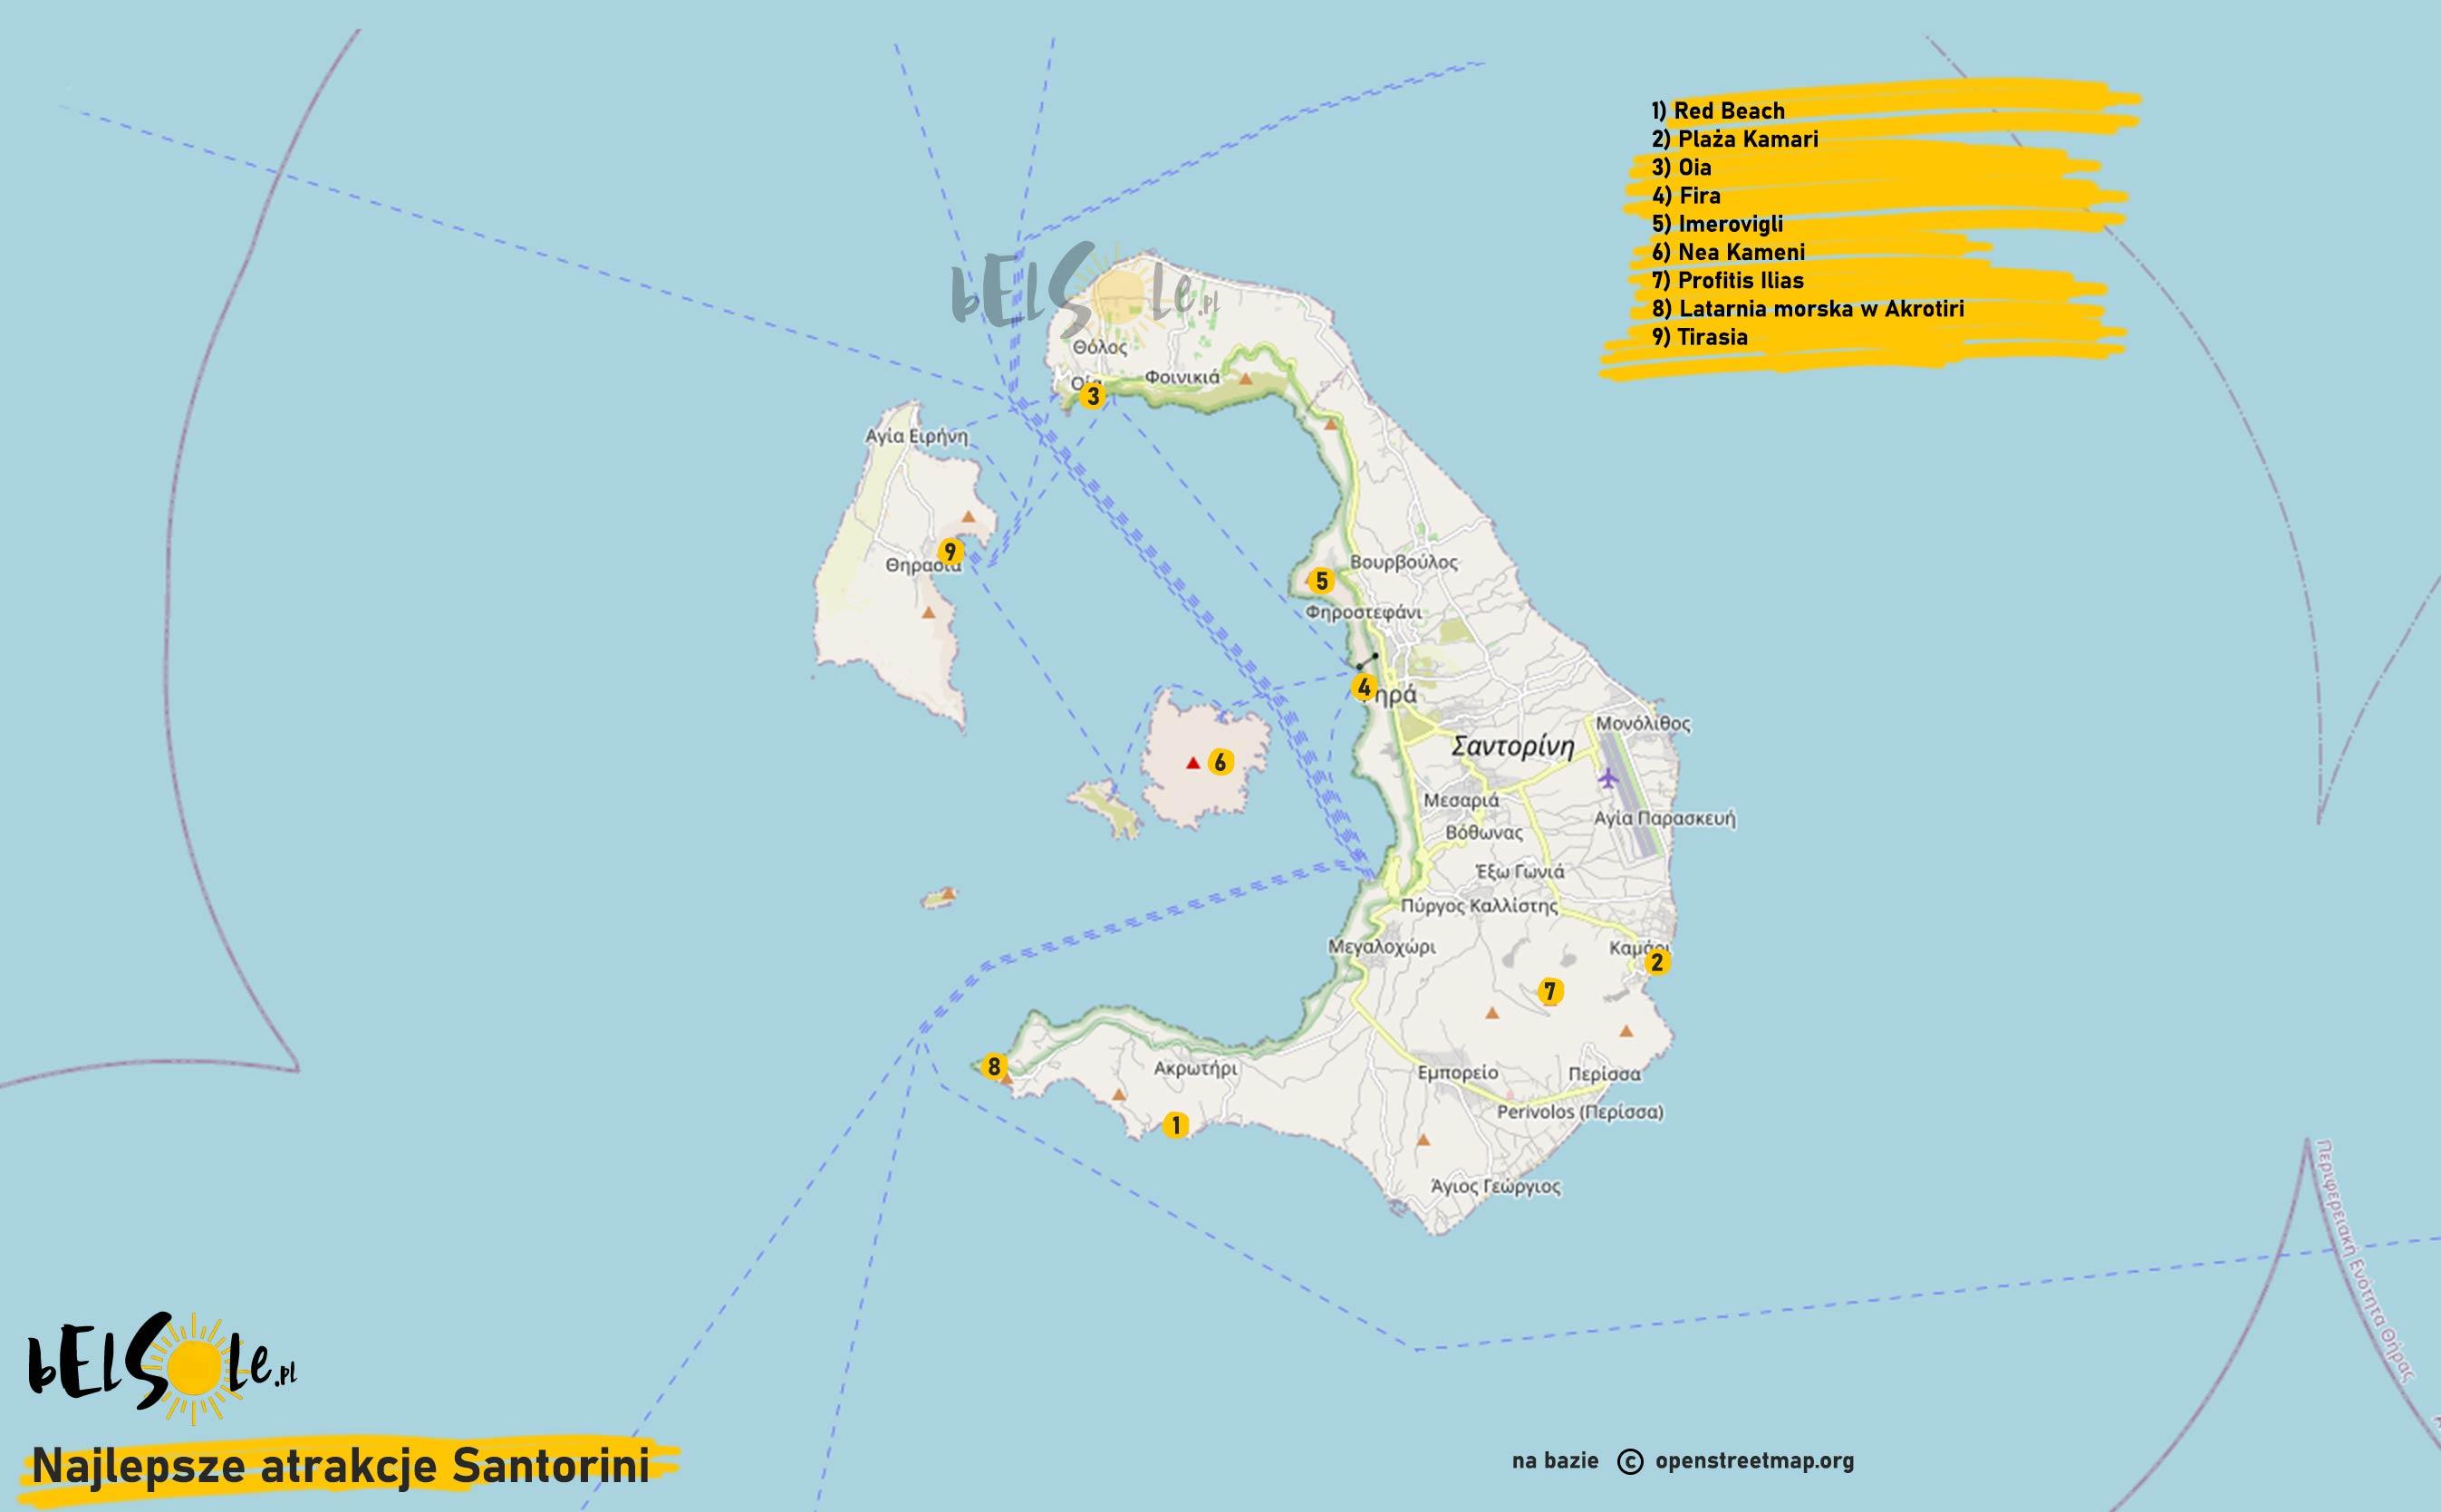 najlepsze atrakcje Santorini mapa